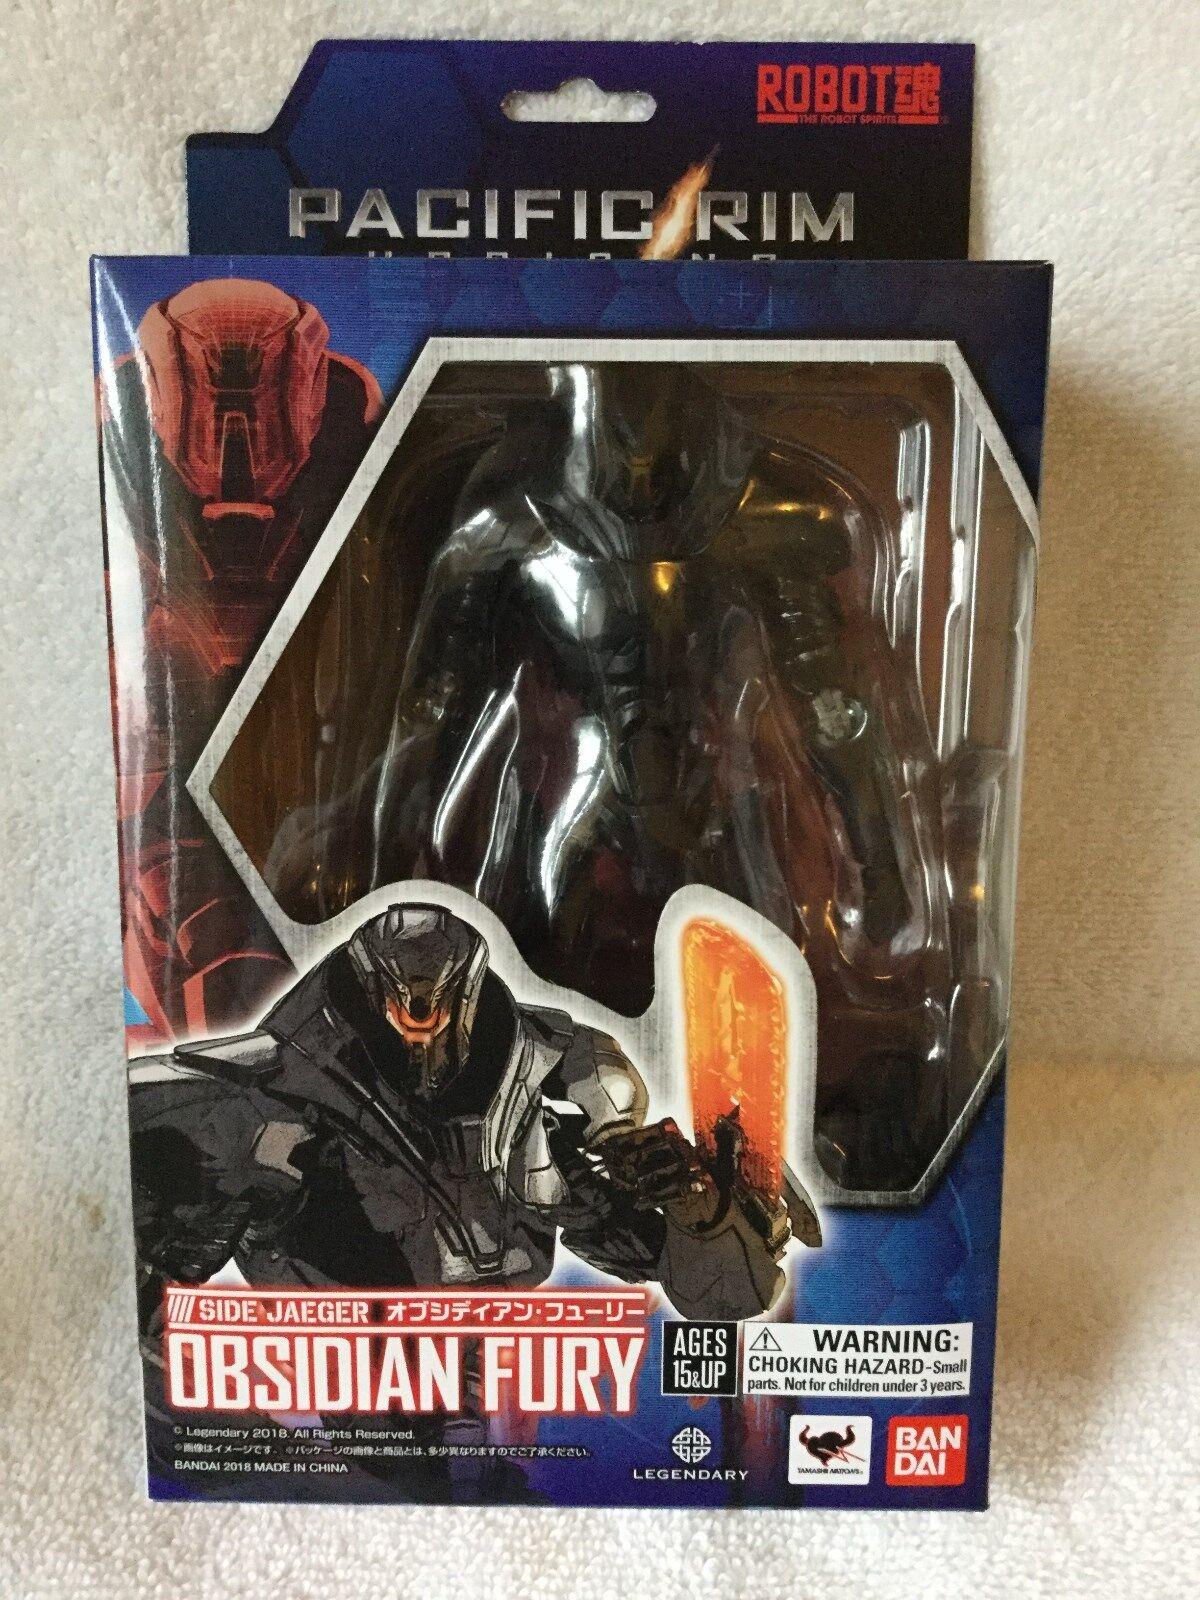 Pacific rim aufstand filmkulisse obsidian fury & guardian bravo set mib neue